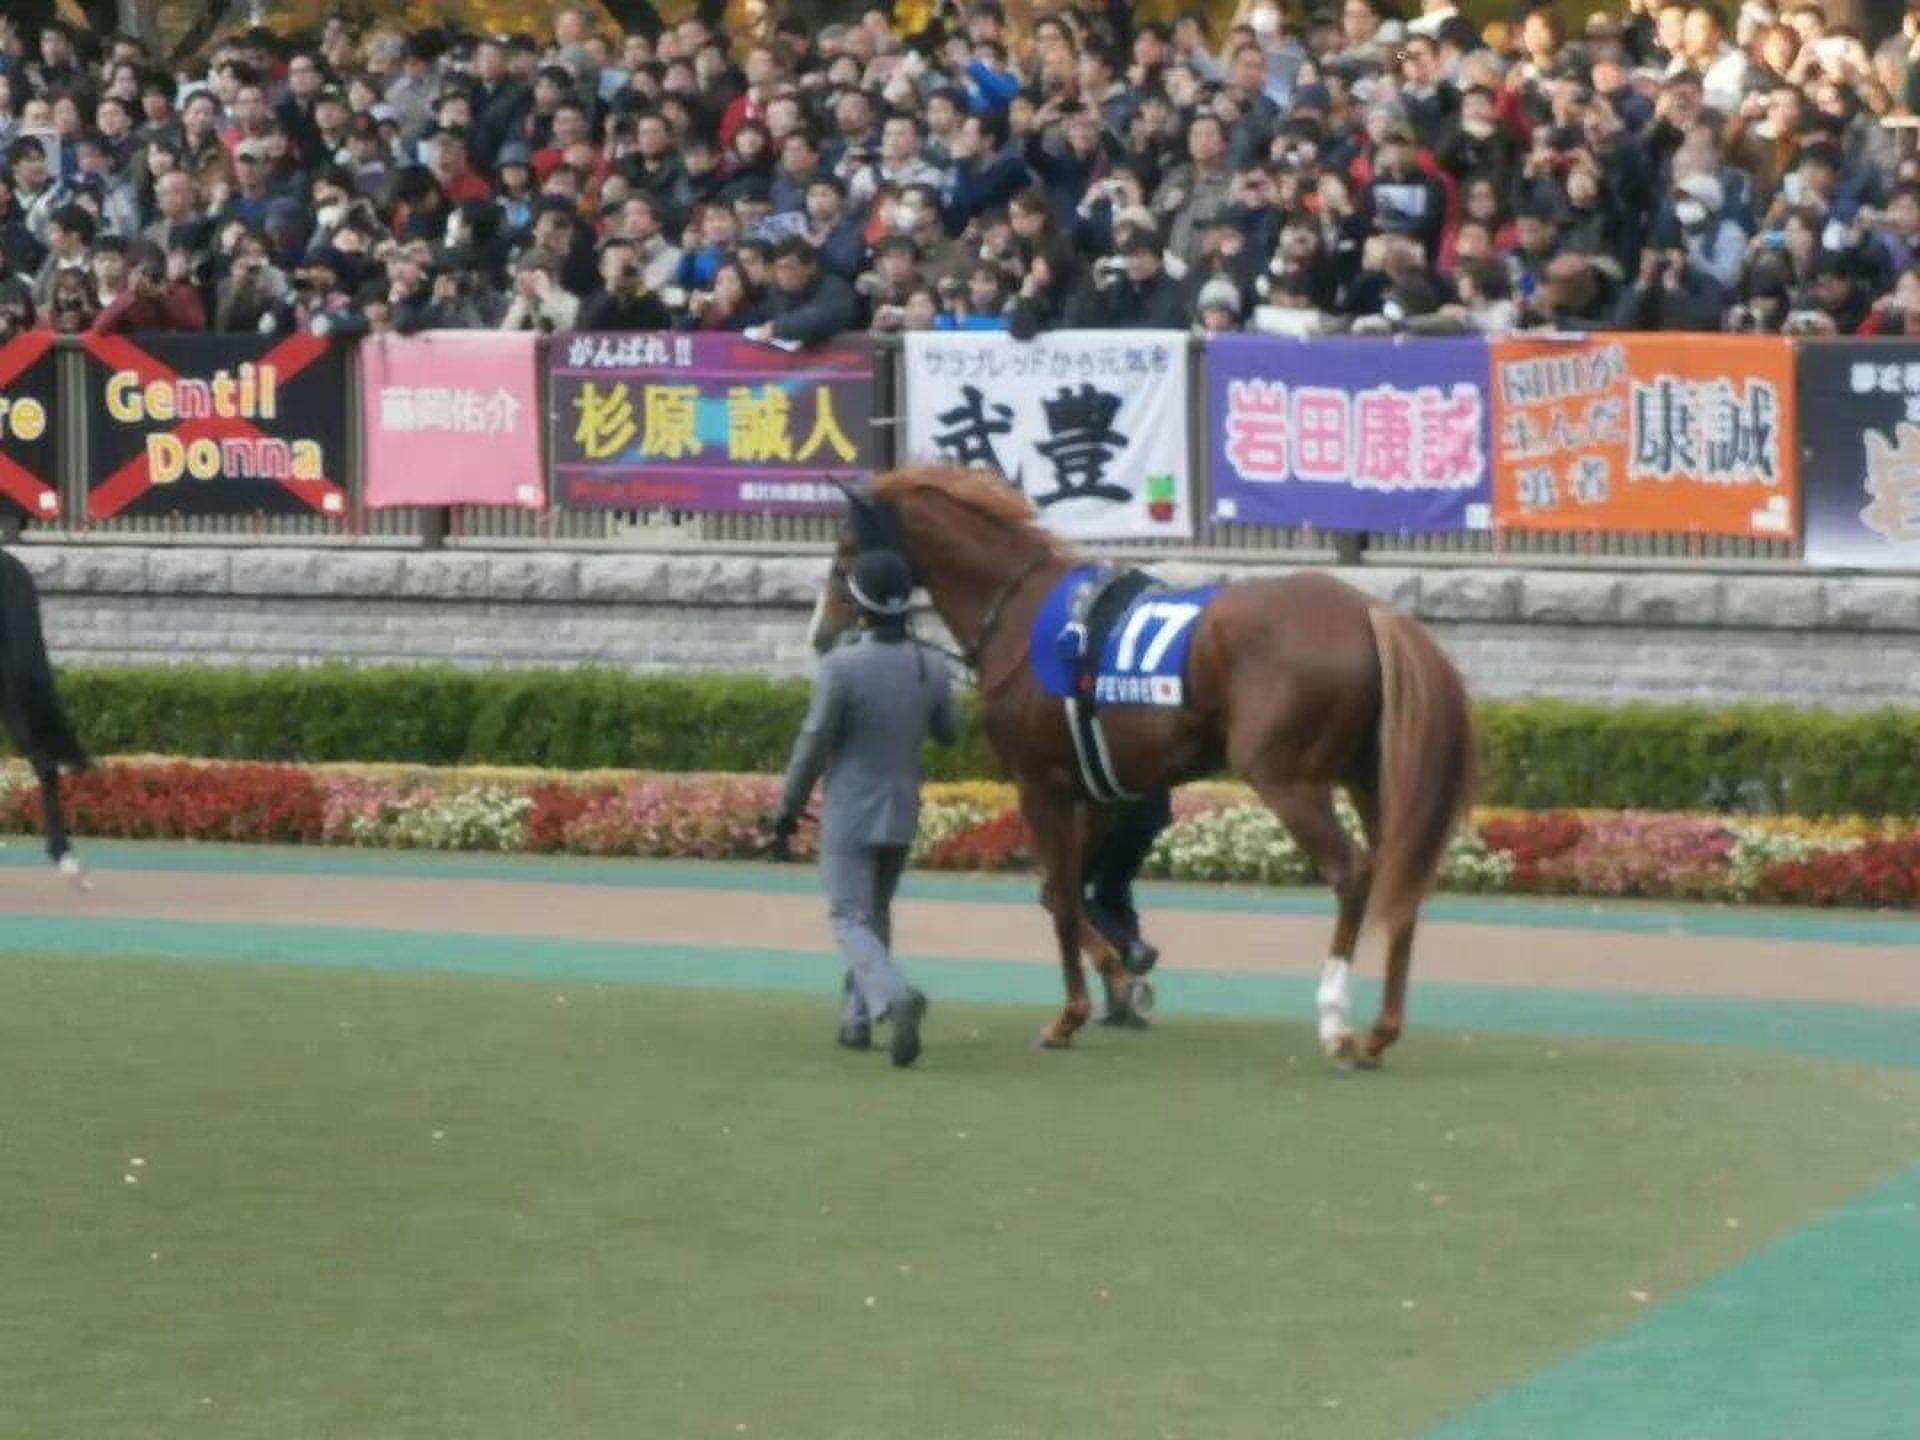 名馬を見に東京競馬場へ行こう!レースが終わった後は新宿思い出横丁の若月へ!